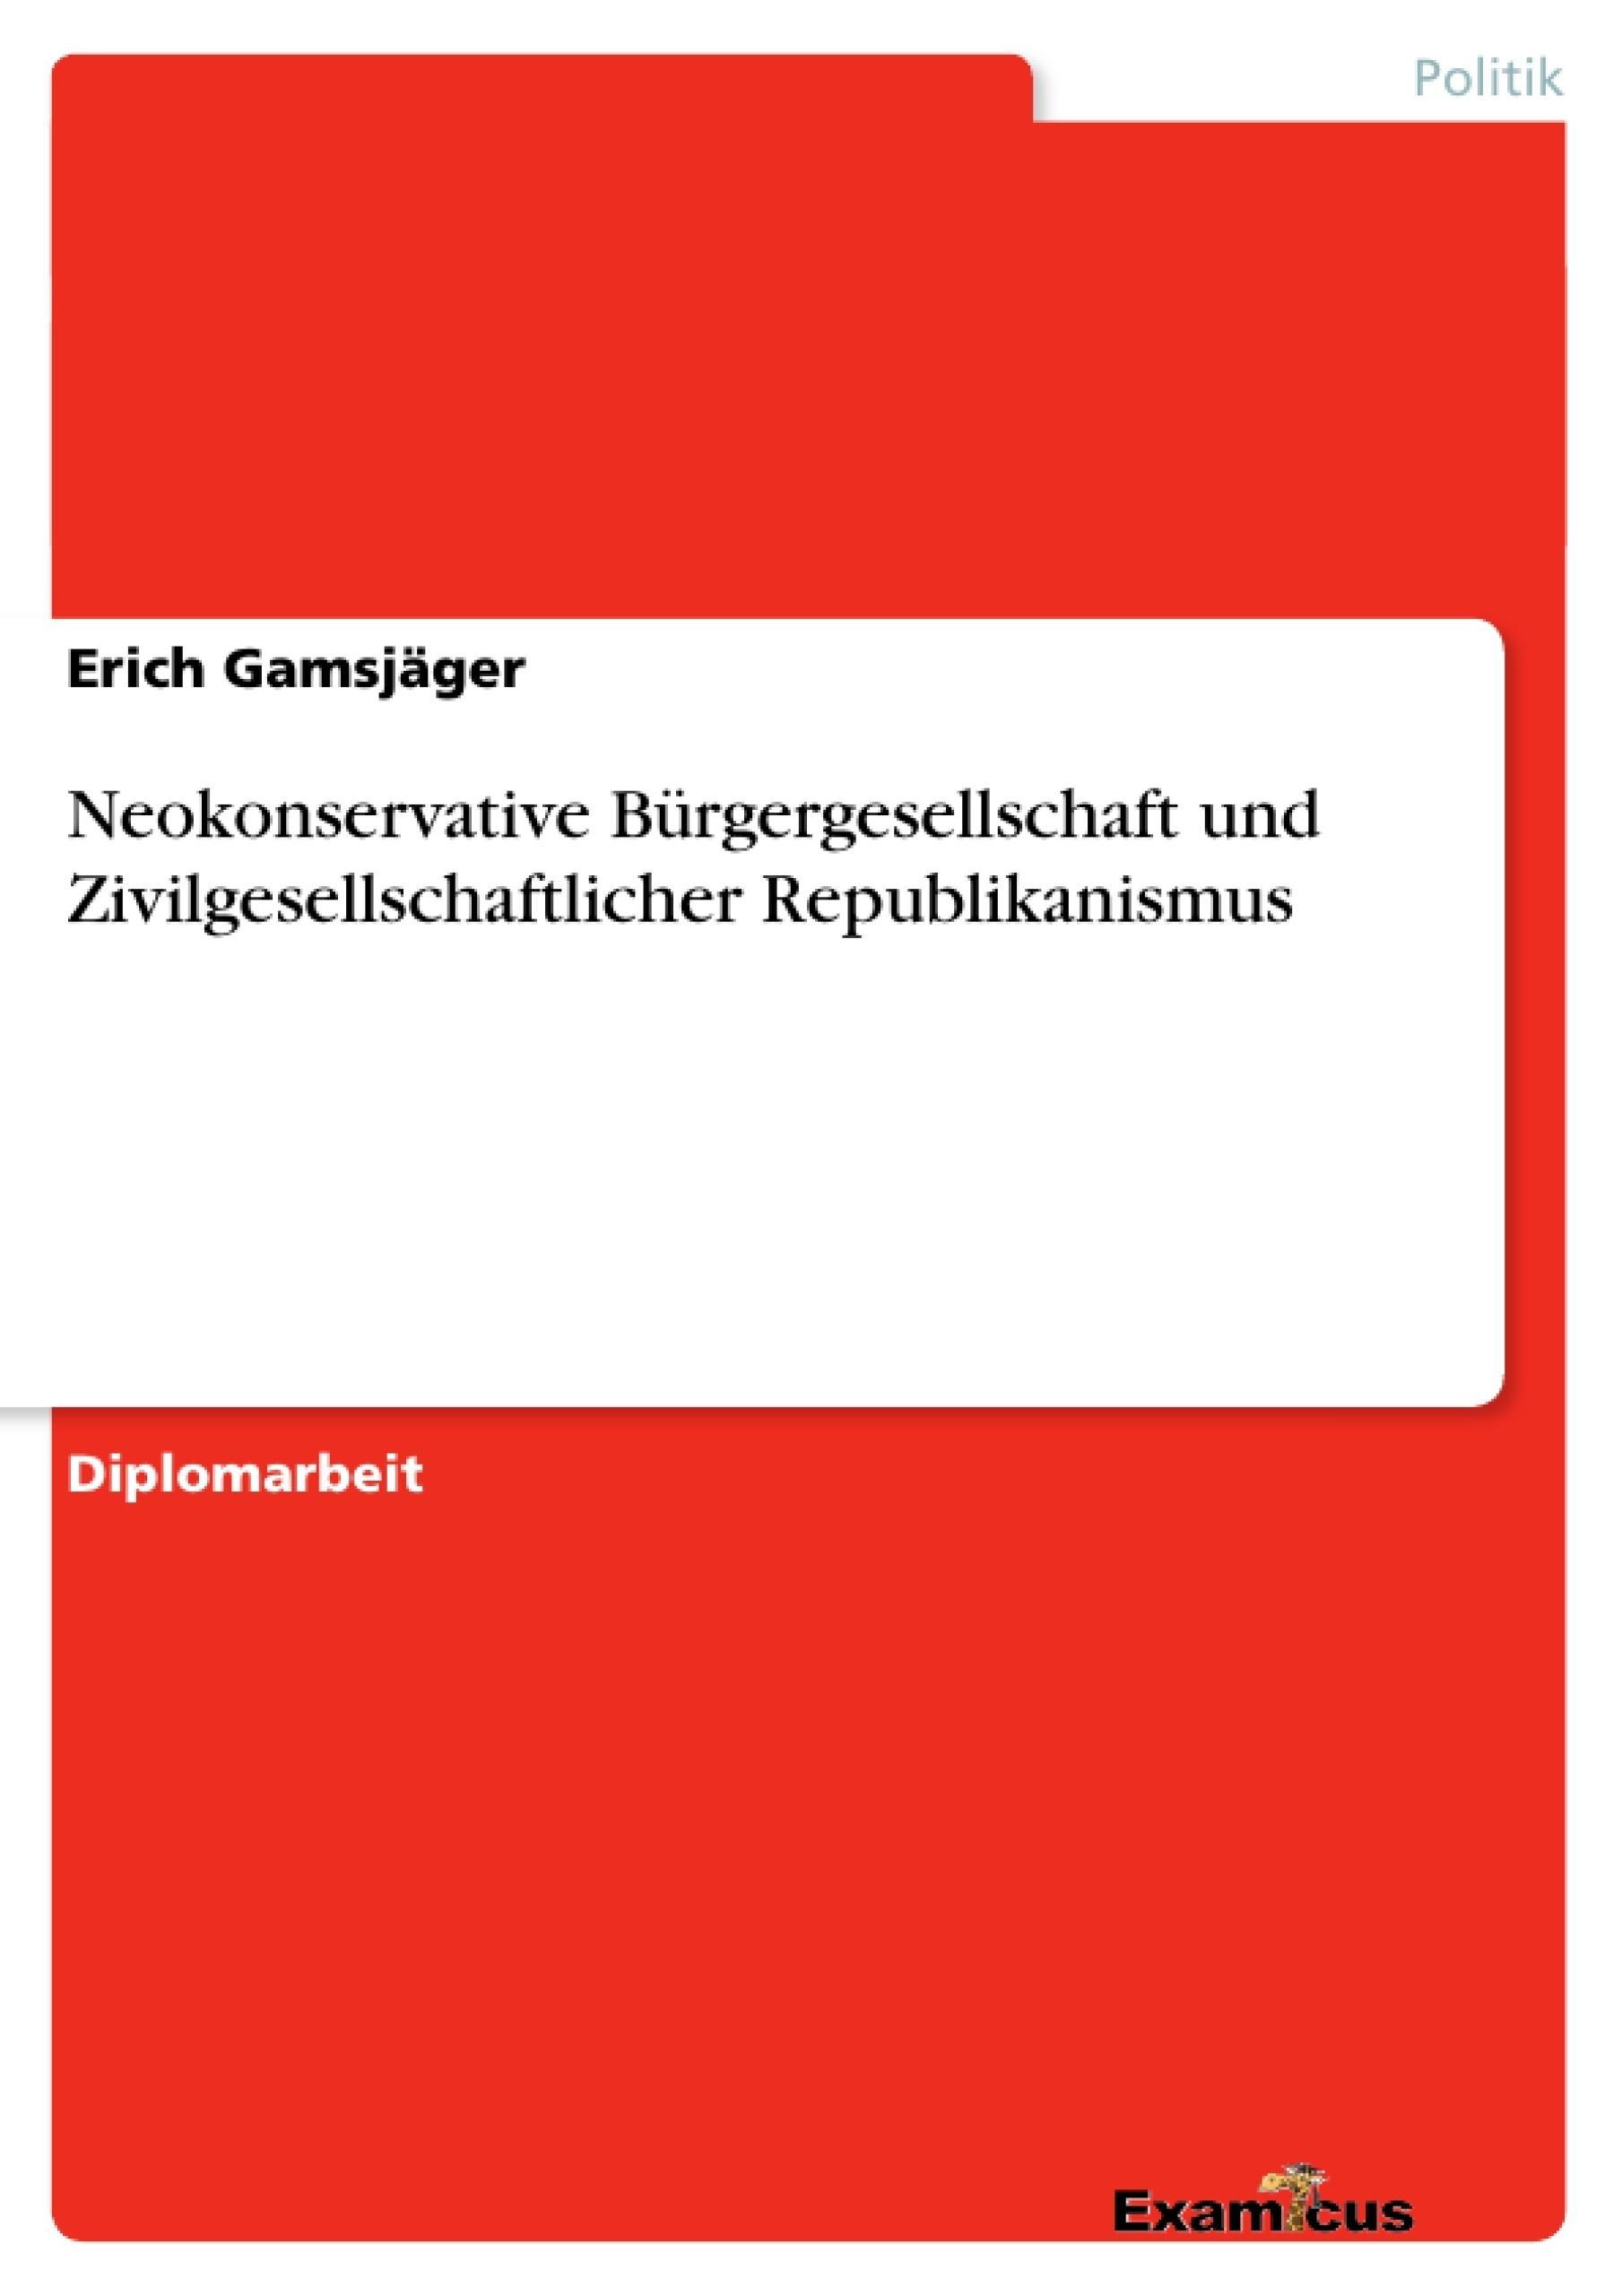 Titel: Neokonservative Bürgergesellschaft und Zivilgesellschaftlicher Republikanismus